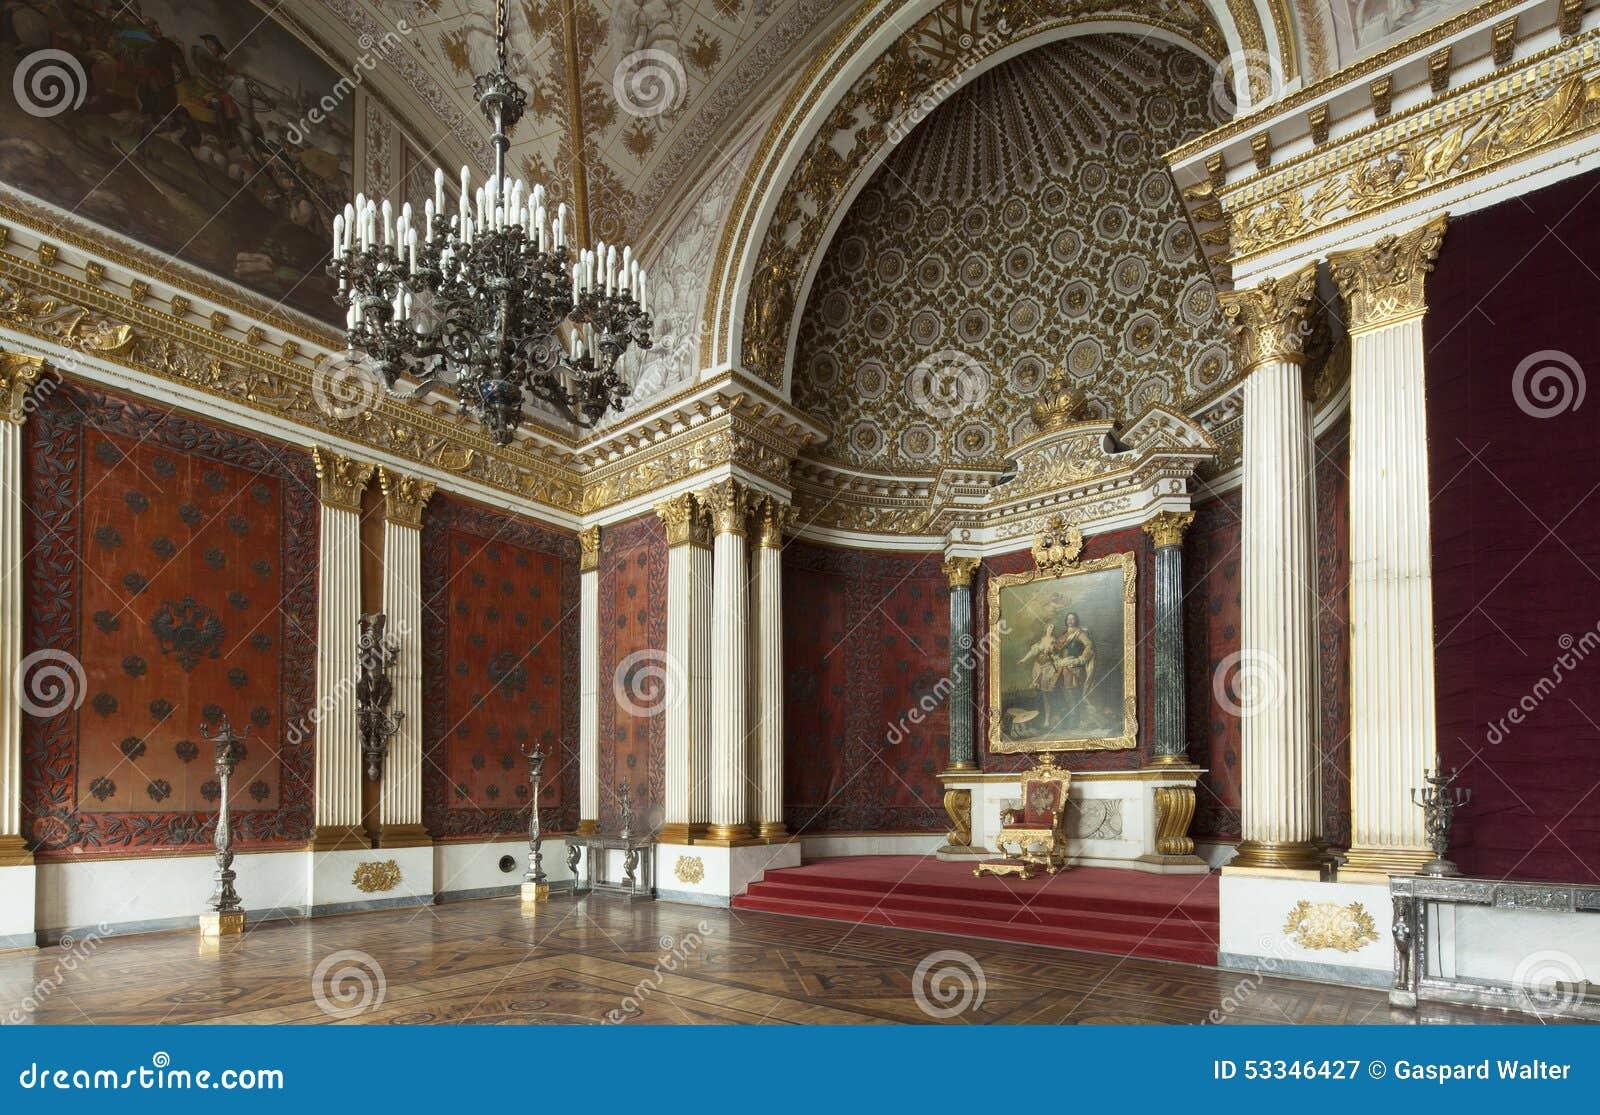 Αυτοκρατορικοί παλάτι και θρόνος σε Άγιο Πετρούπολη με τους χρυσούς τοίχους